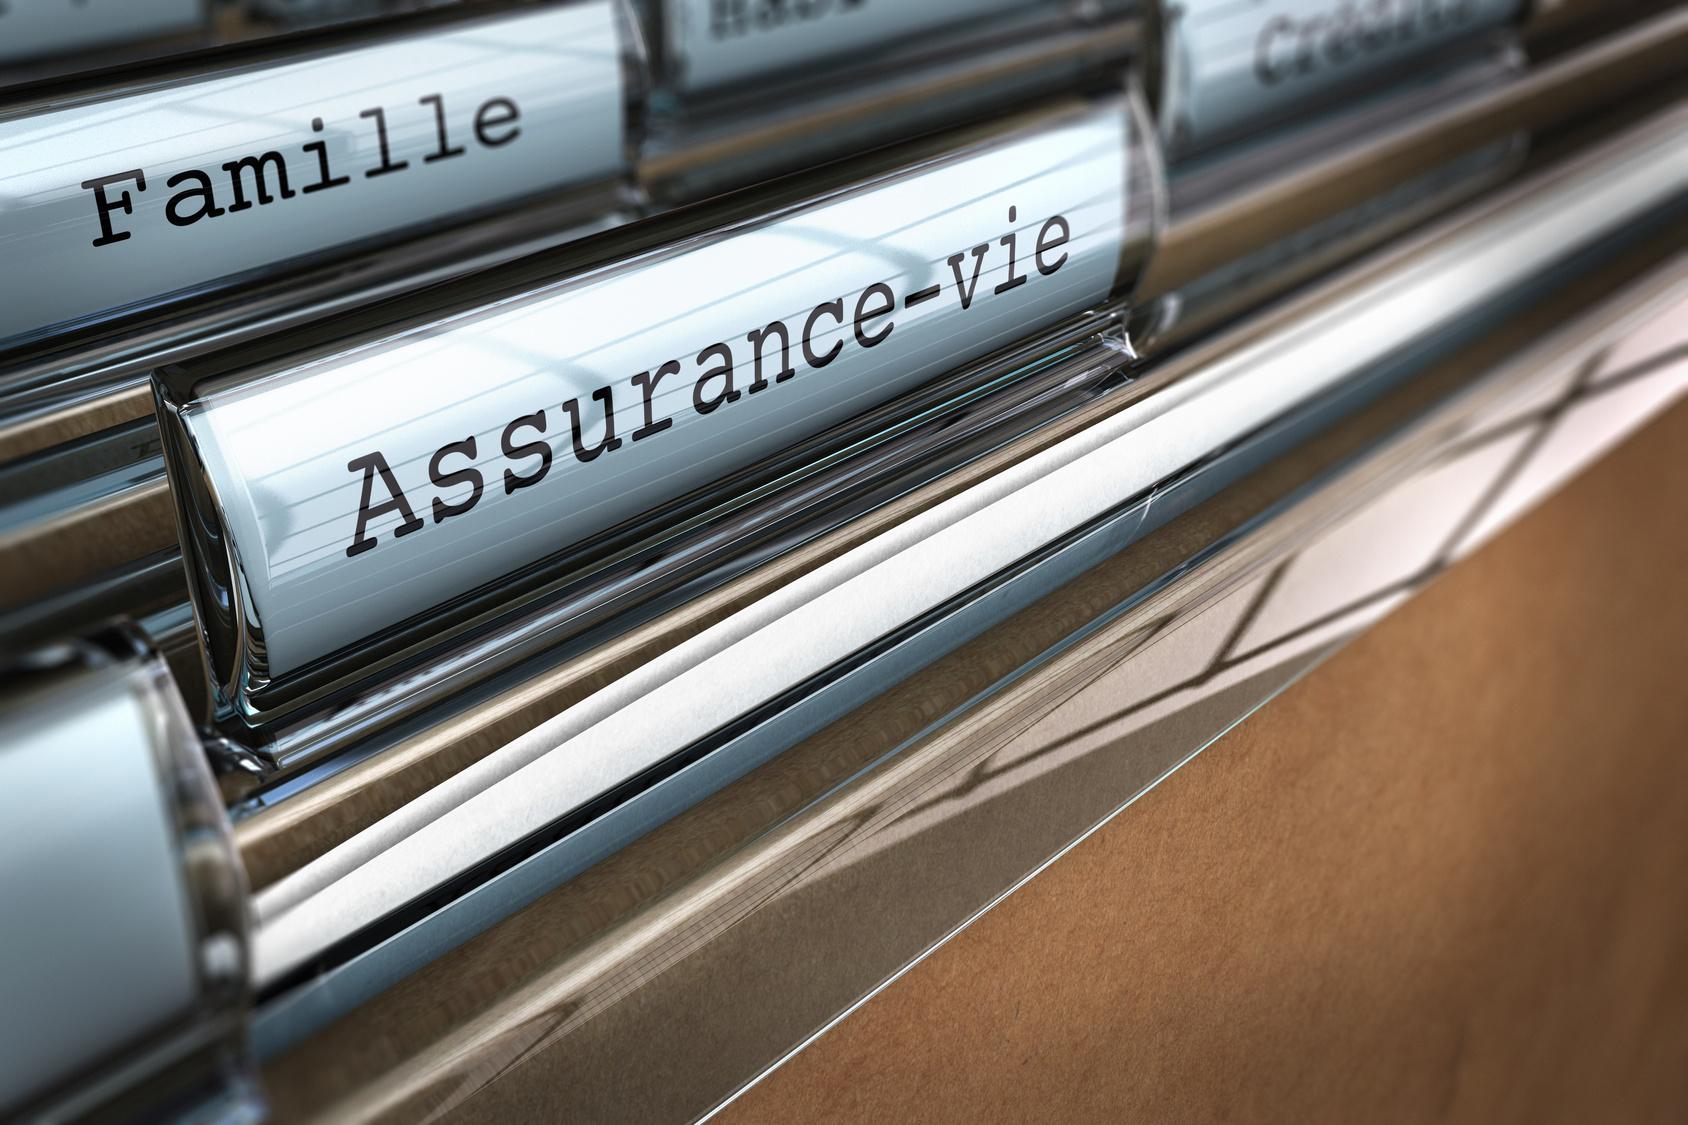 Advize l'assurance vie en ligne